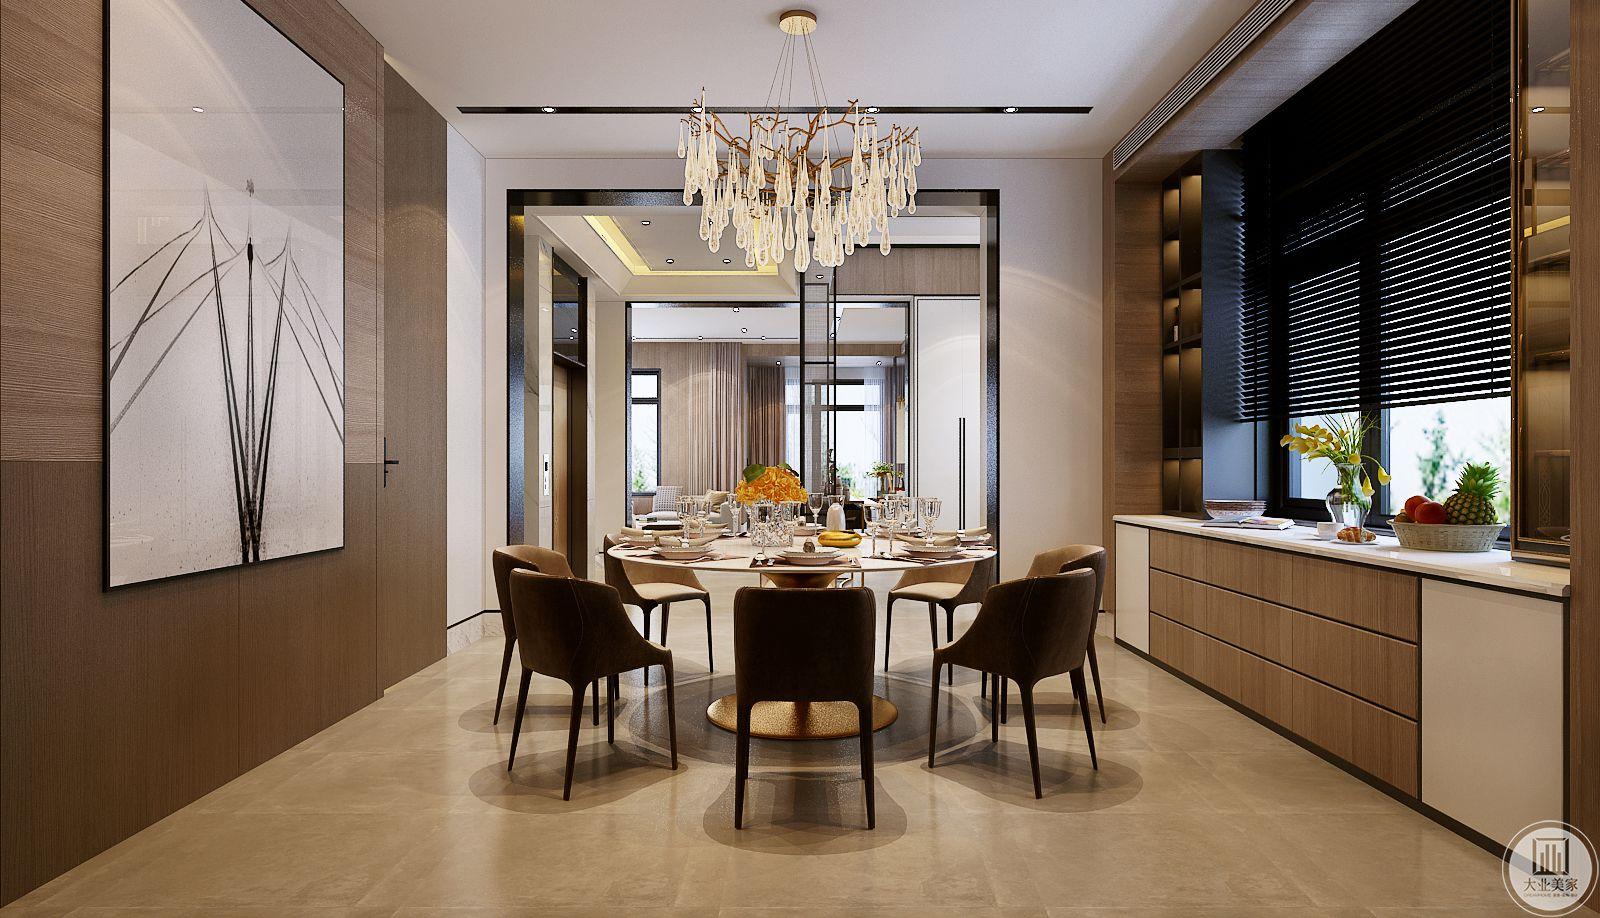 餐厅的餐桌和餐椅采用原木色,一侧窗户下面是实木橱柜,一侧的墙面采用浅色实木护墙板。